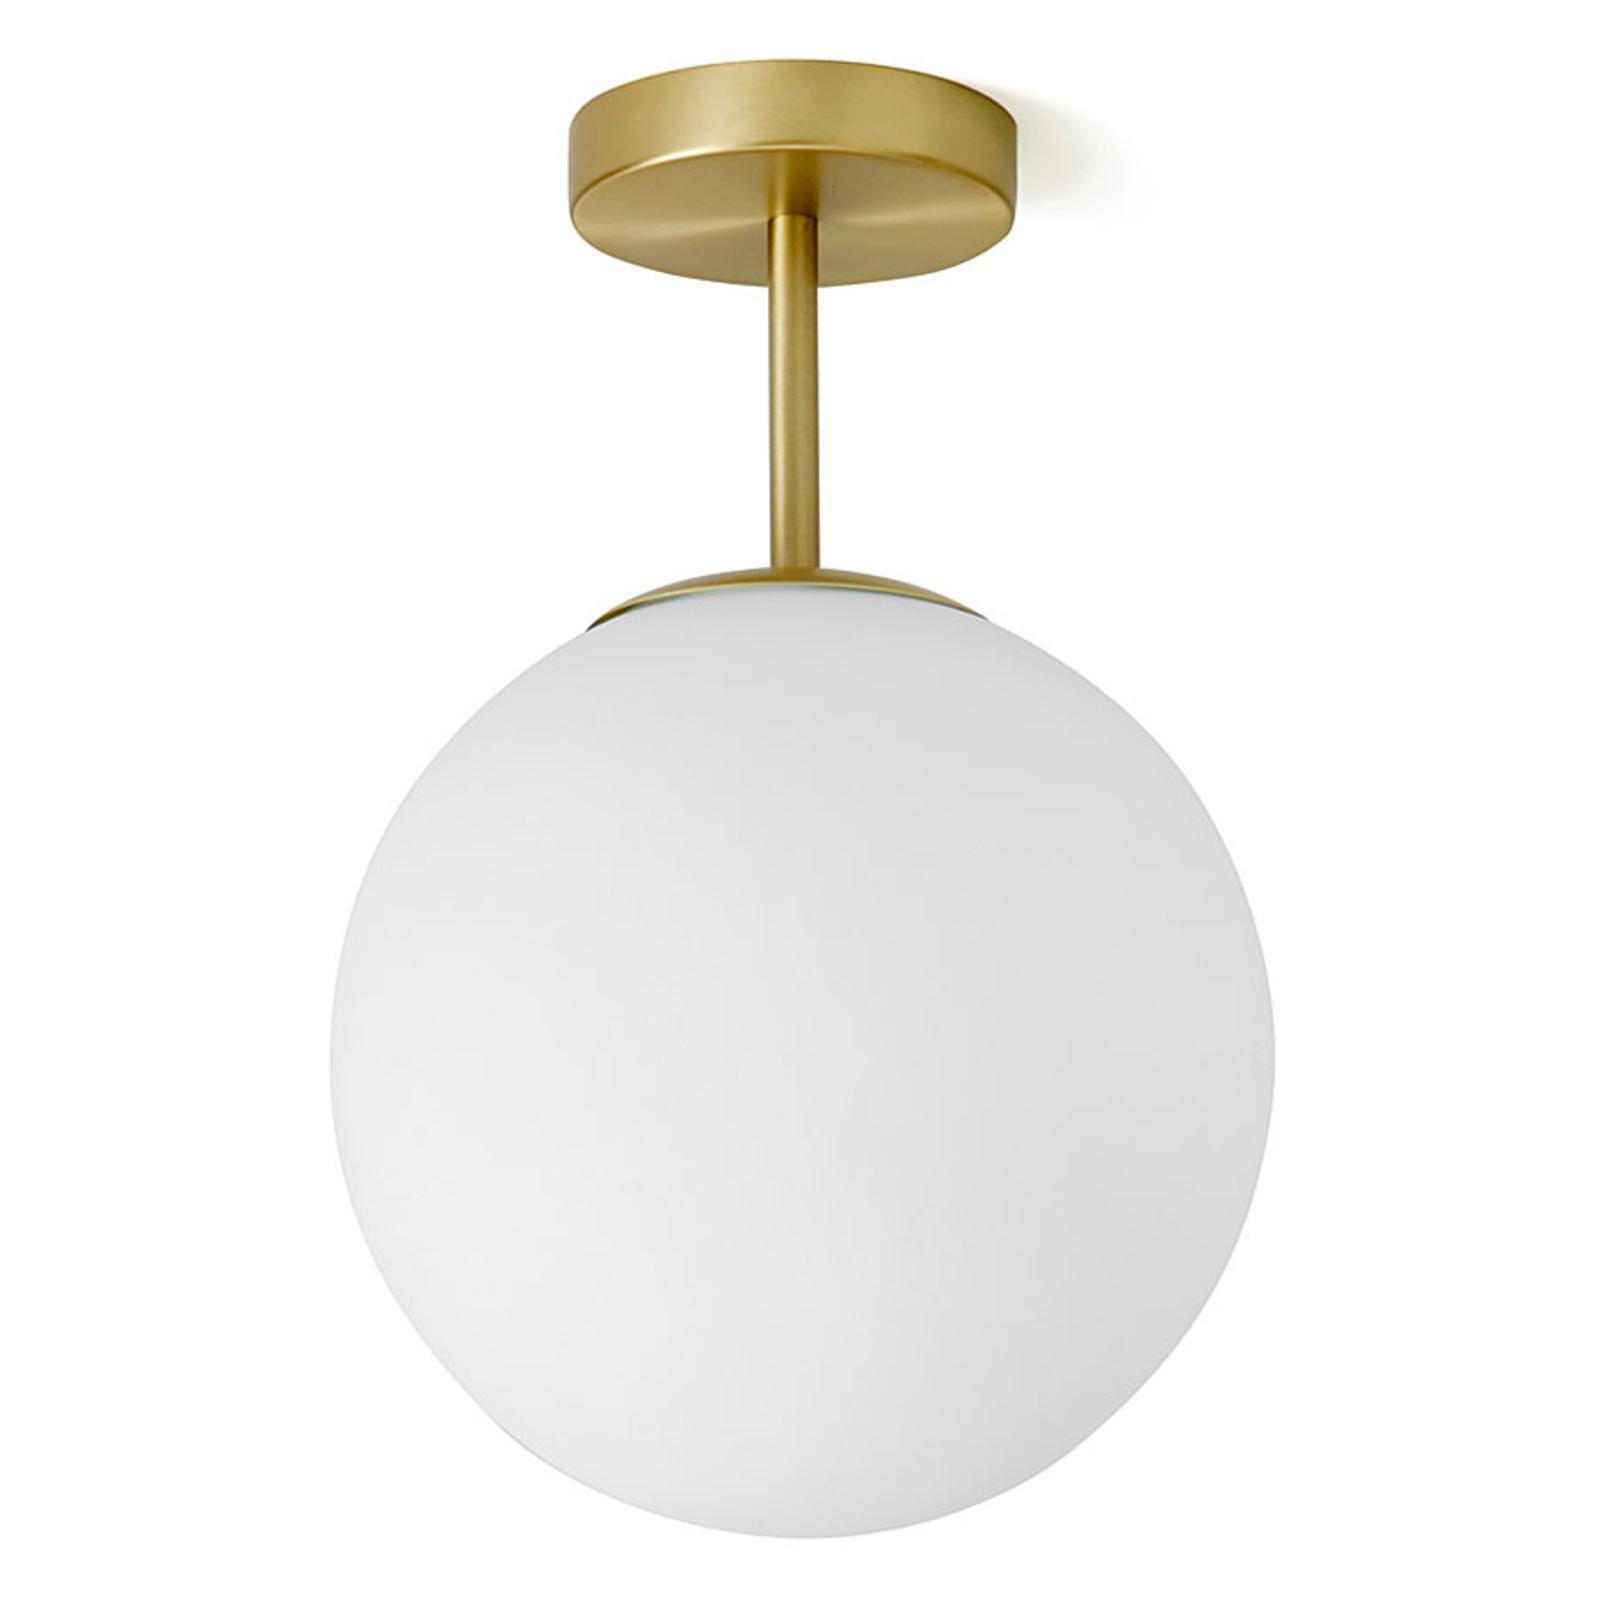 Mosiężna lampa sufitowa Jugen 1-punktowa